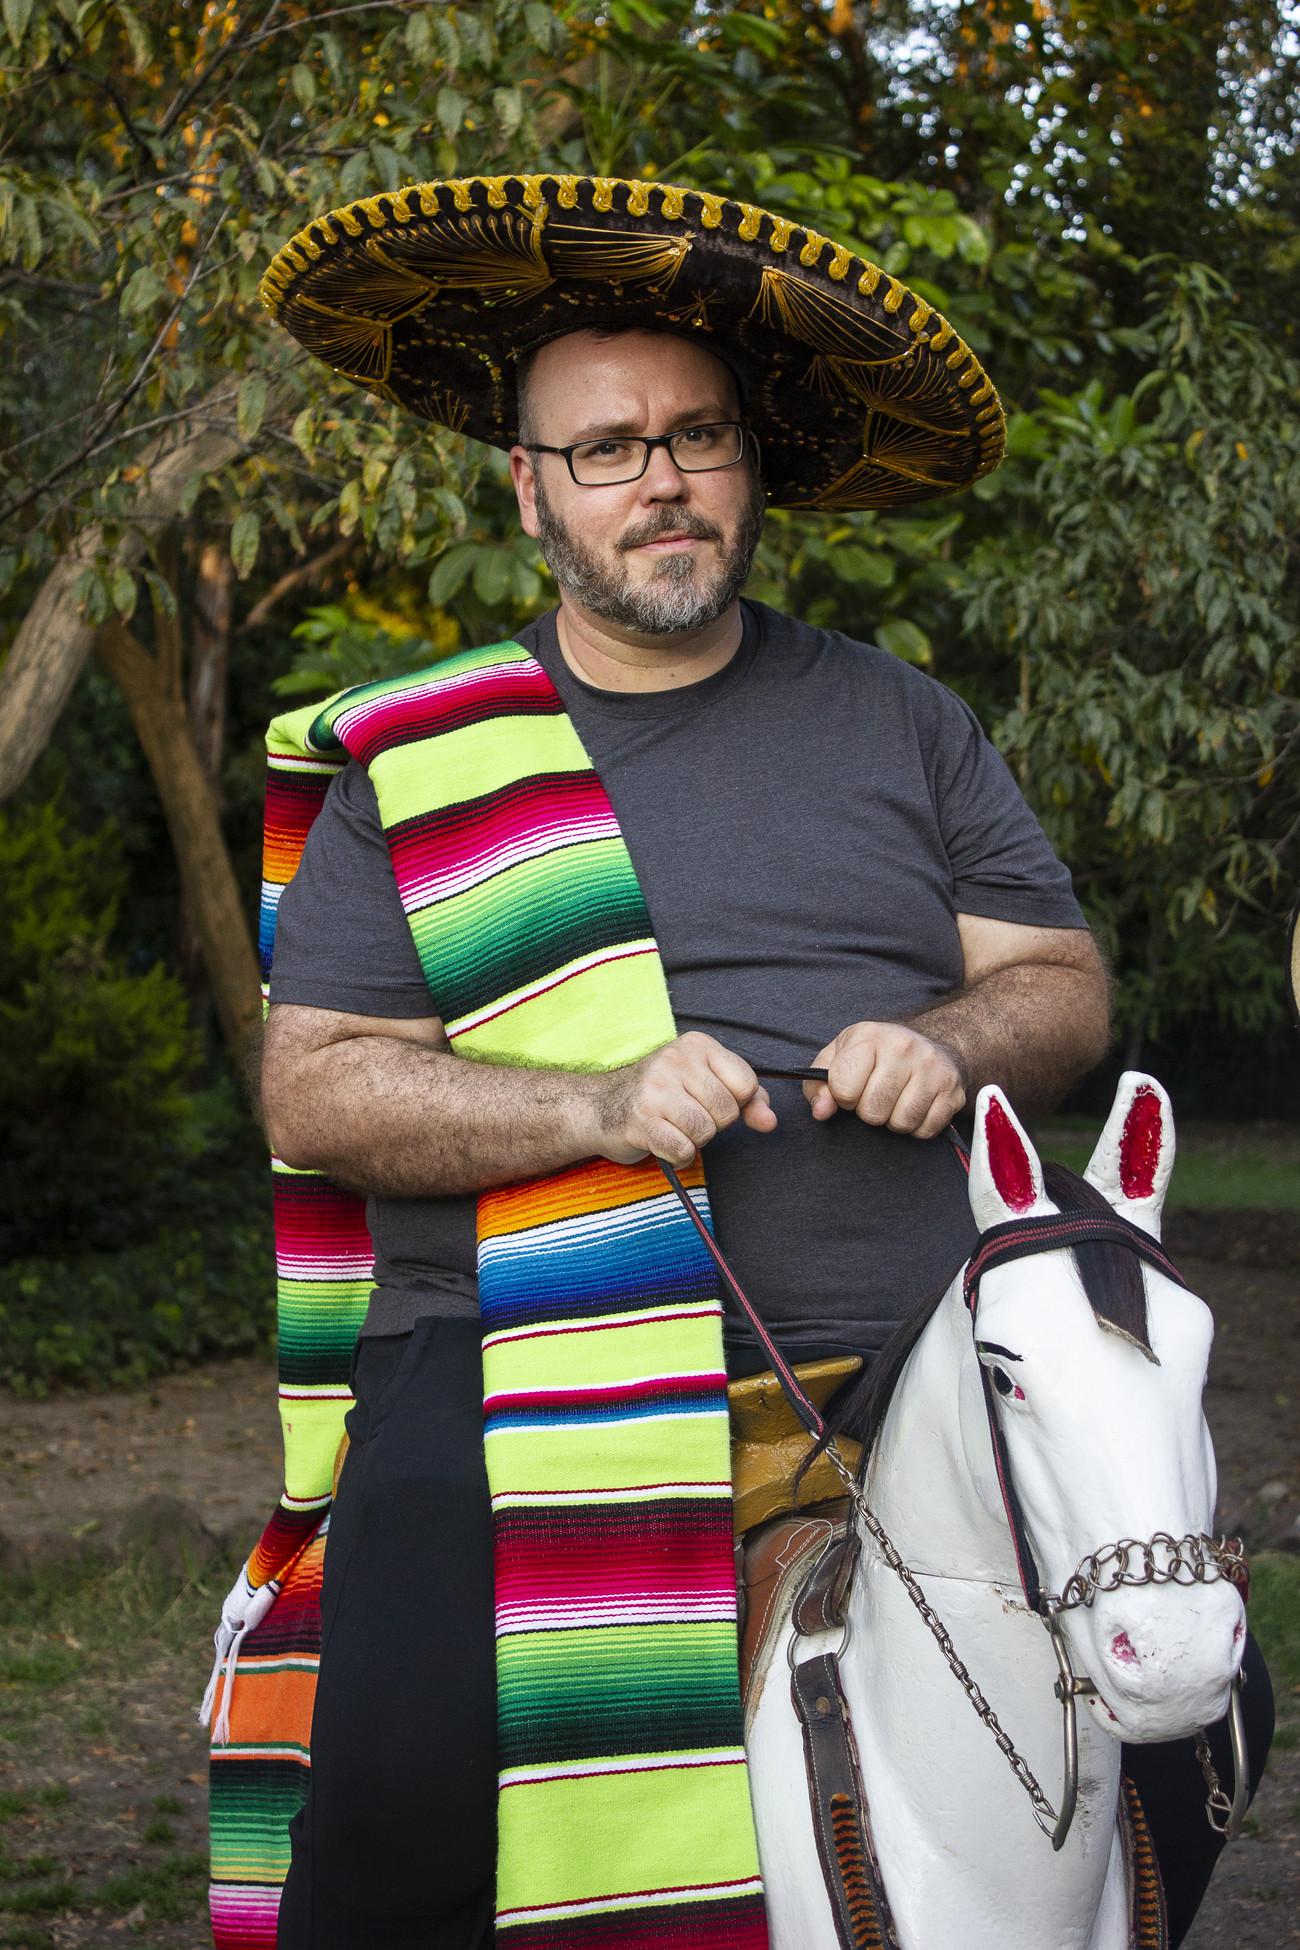 Steve Giasson. Performance invisible n° 156 (Faire tache). D'après Martin Parr. Autoportrait. 1996-2015. Performeur : Steve Giasson. Crédit photographique : Martin Vinette. Bosque de Chapultepec, Mexico. 5 novembre 2017.